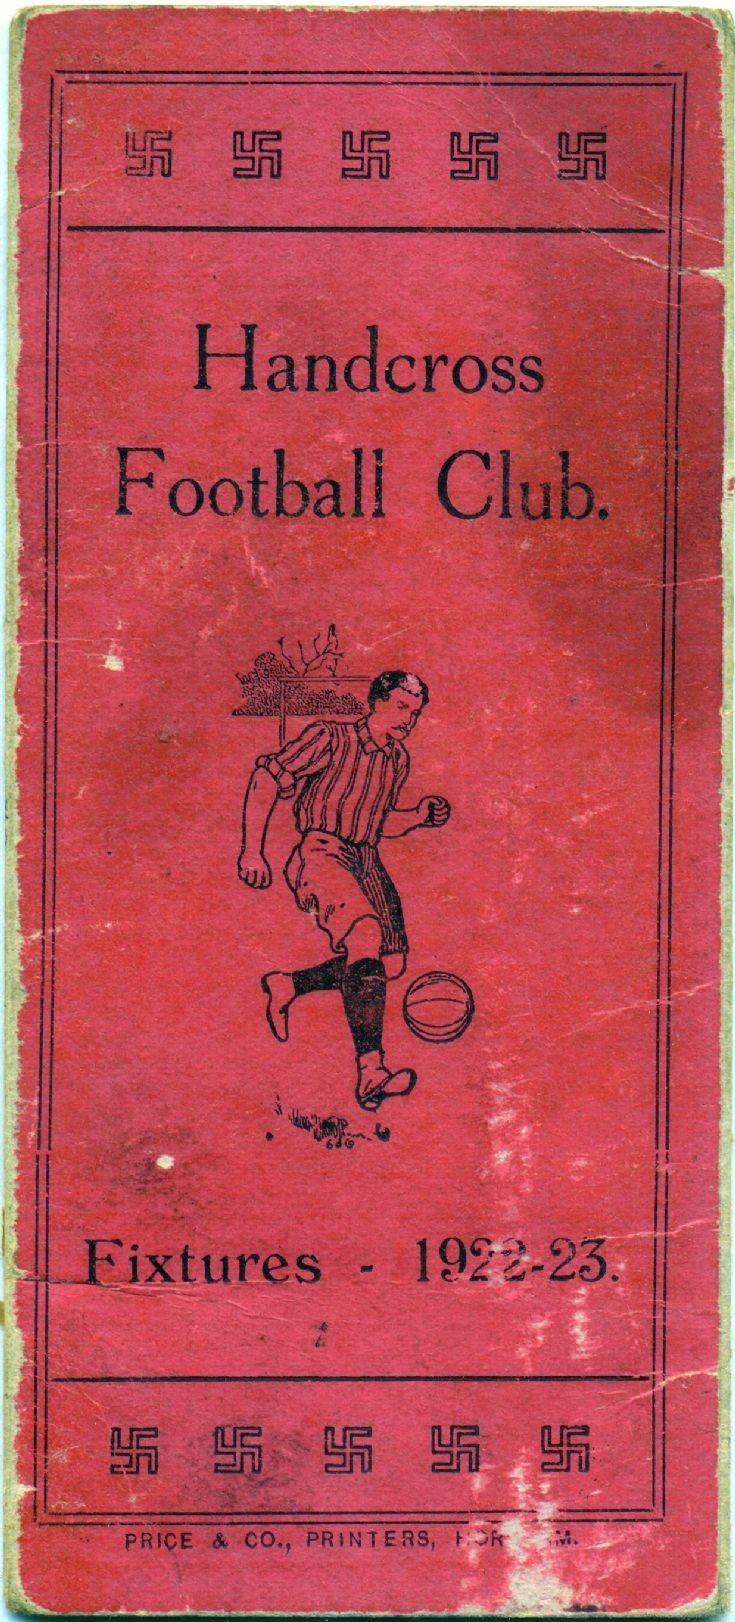 Handcross football fixtures card 1922/23